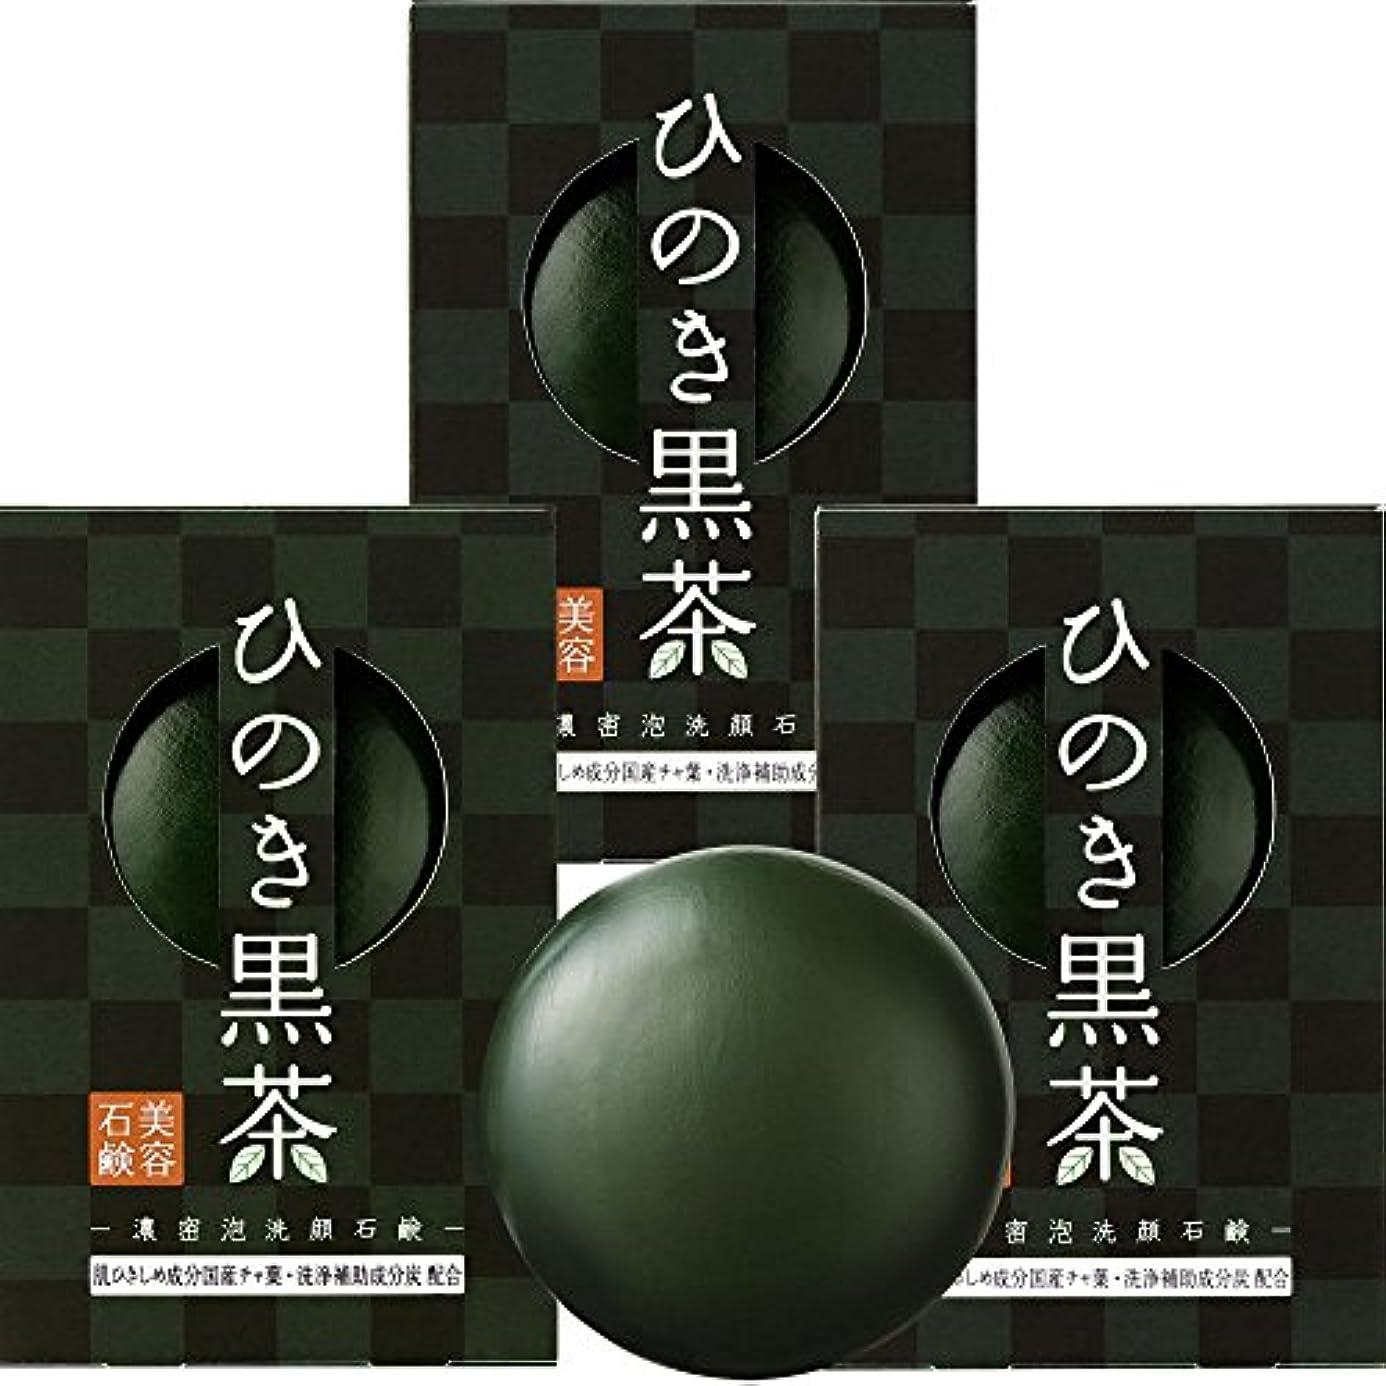 ビーチヘルメット介入するひのき黒茶石鹸 (80g×3個) [保湿成分配合] ヒアルロン酸 コラーゲン